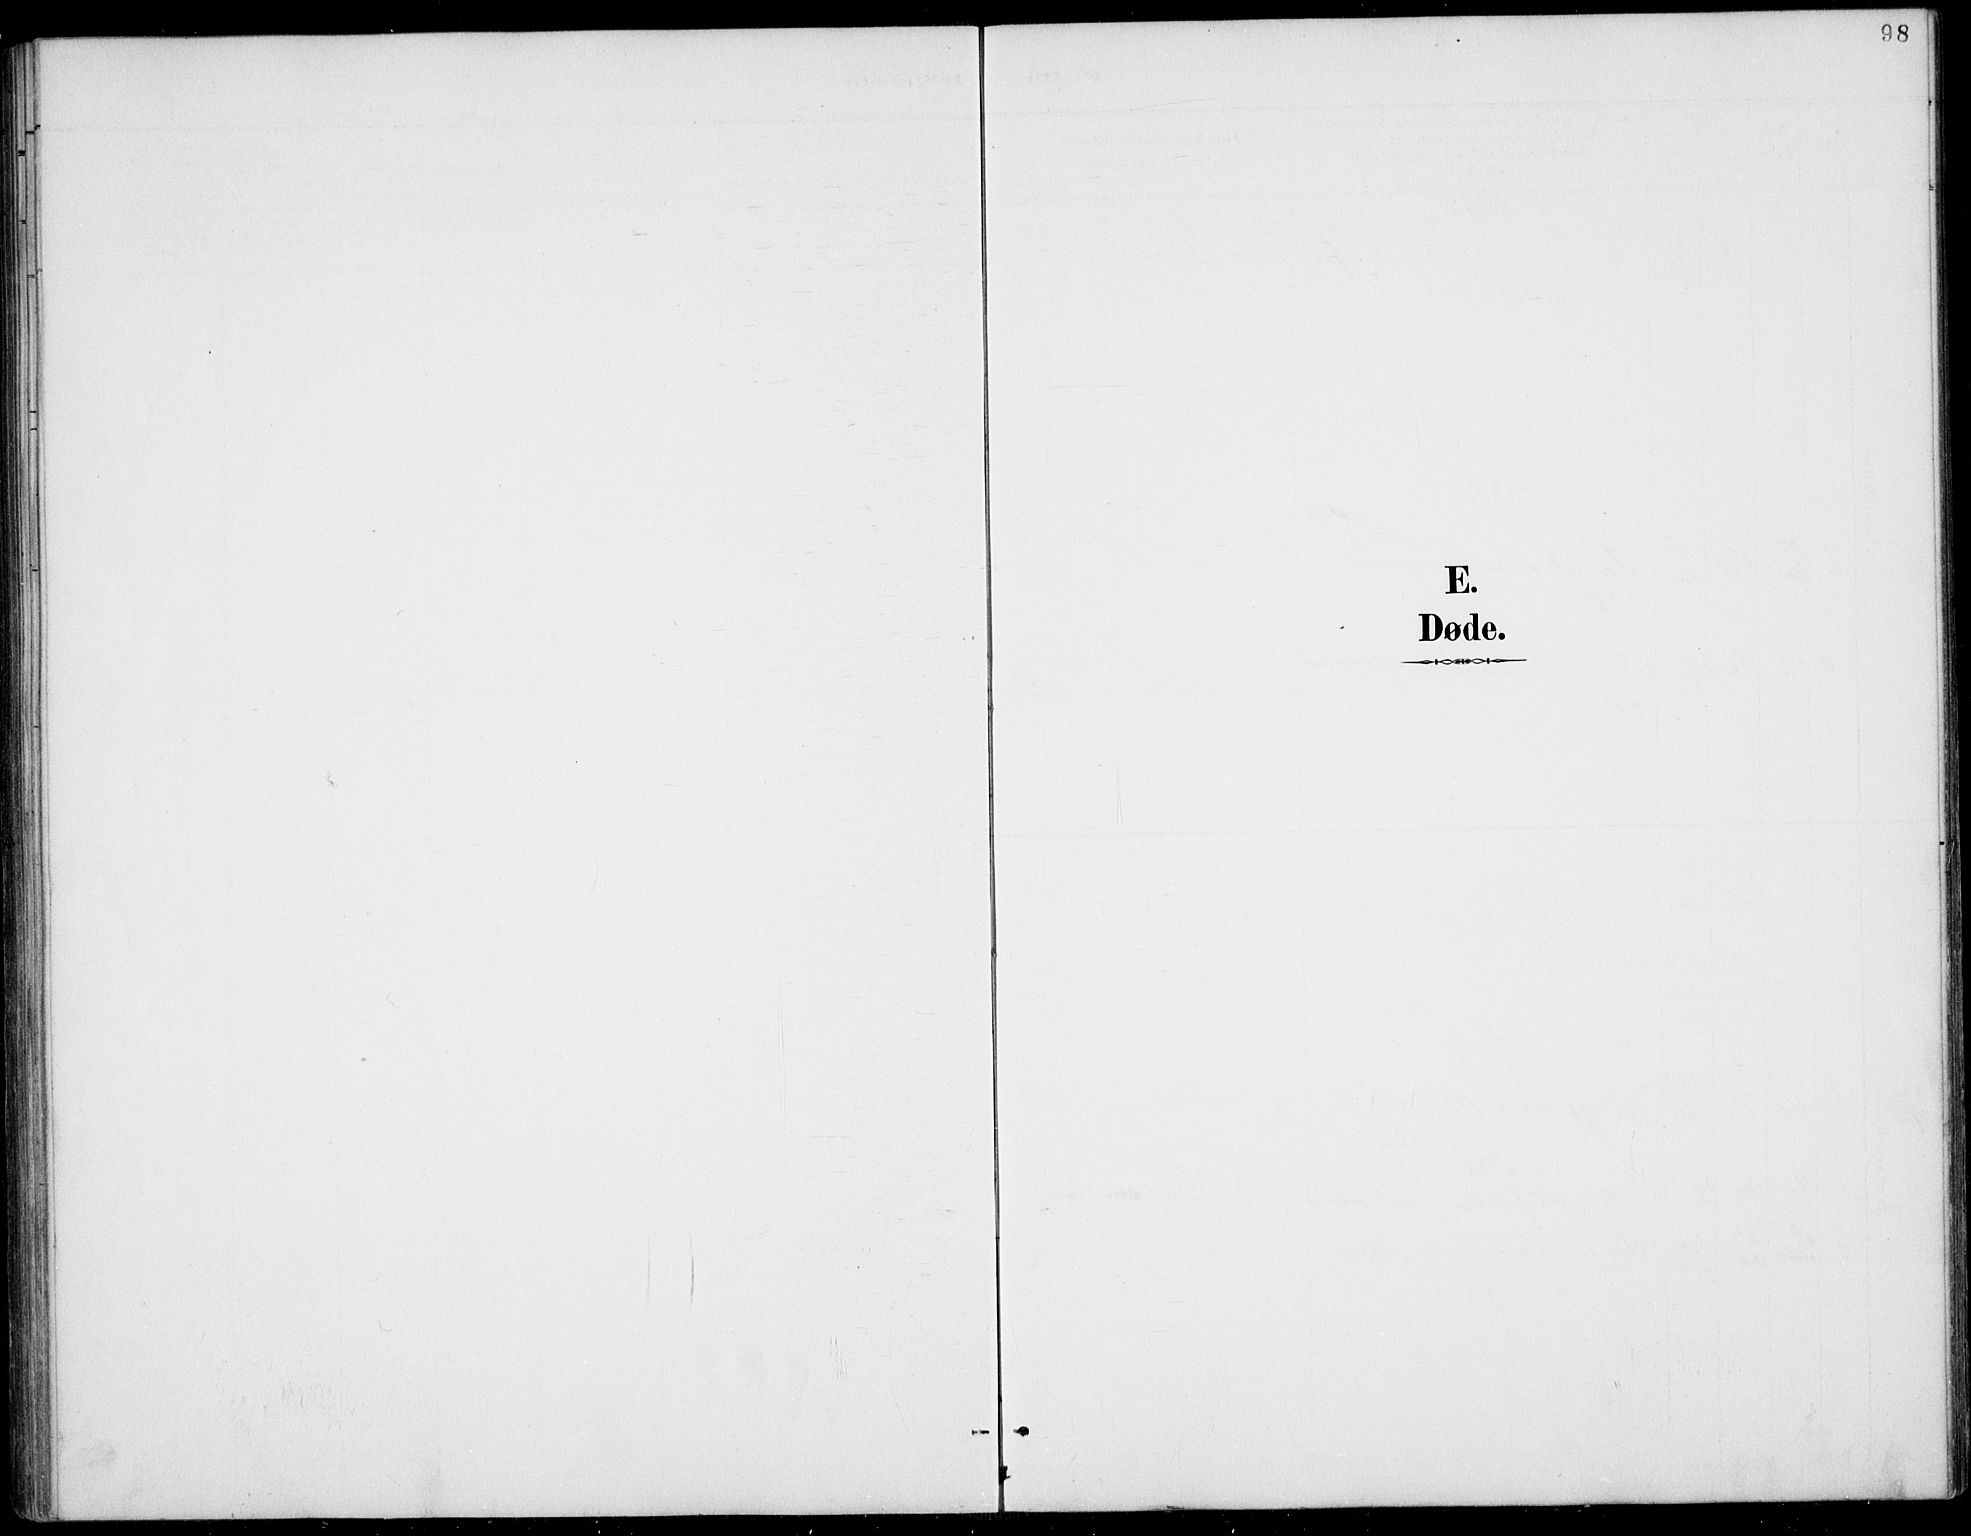 SAKO, Rauland kirkebøker, G/Gb/L0002: Klokkerbok nr. II 2, 1887-1937, s. 98